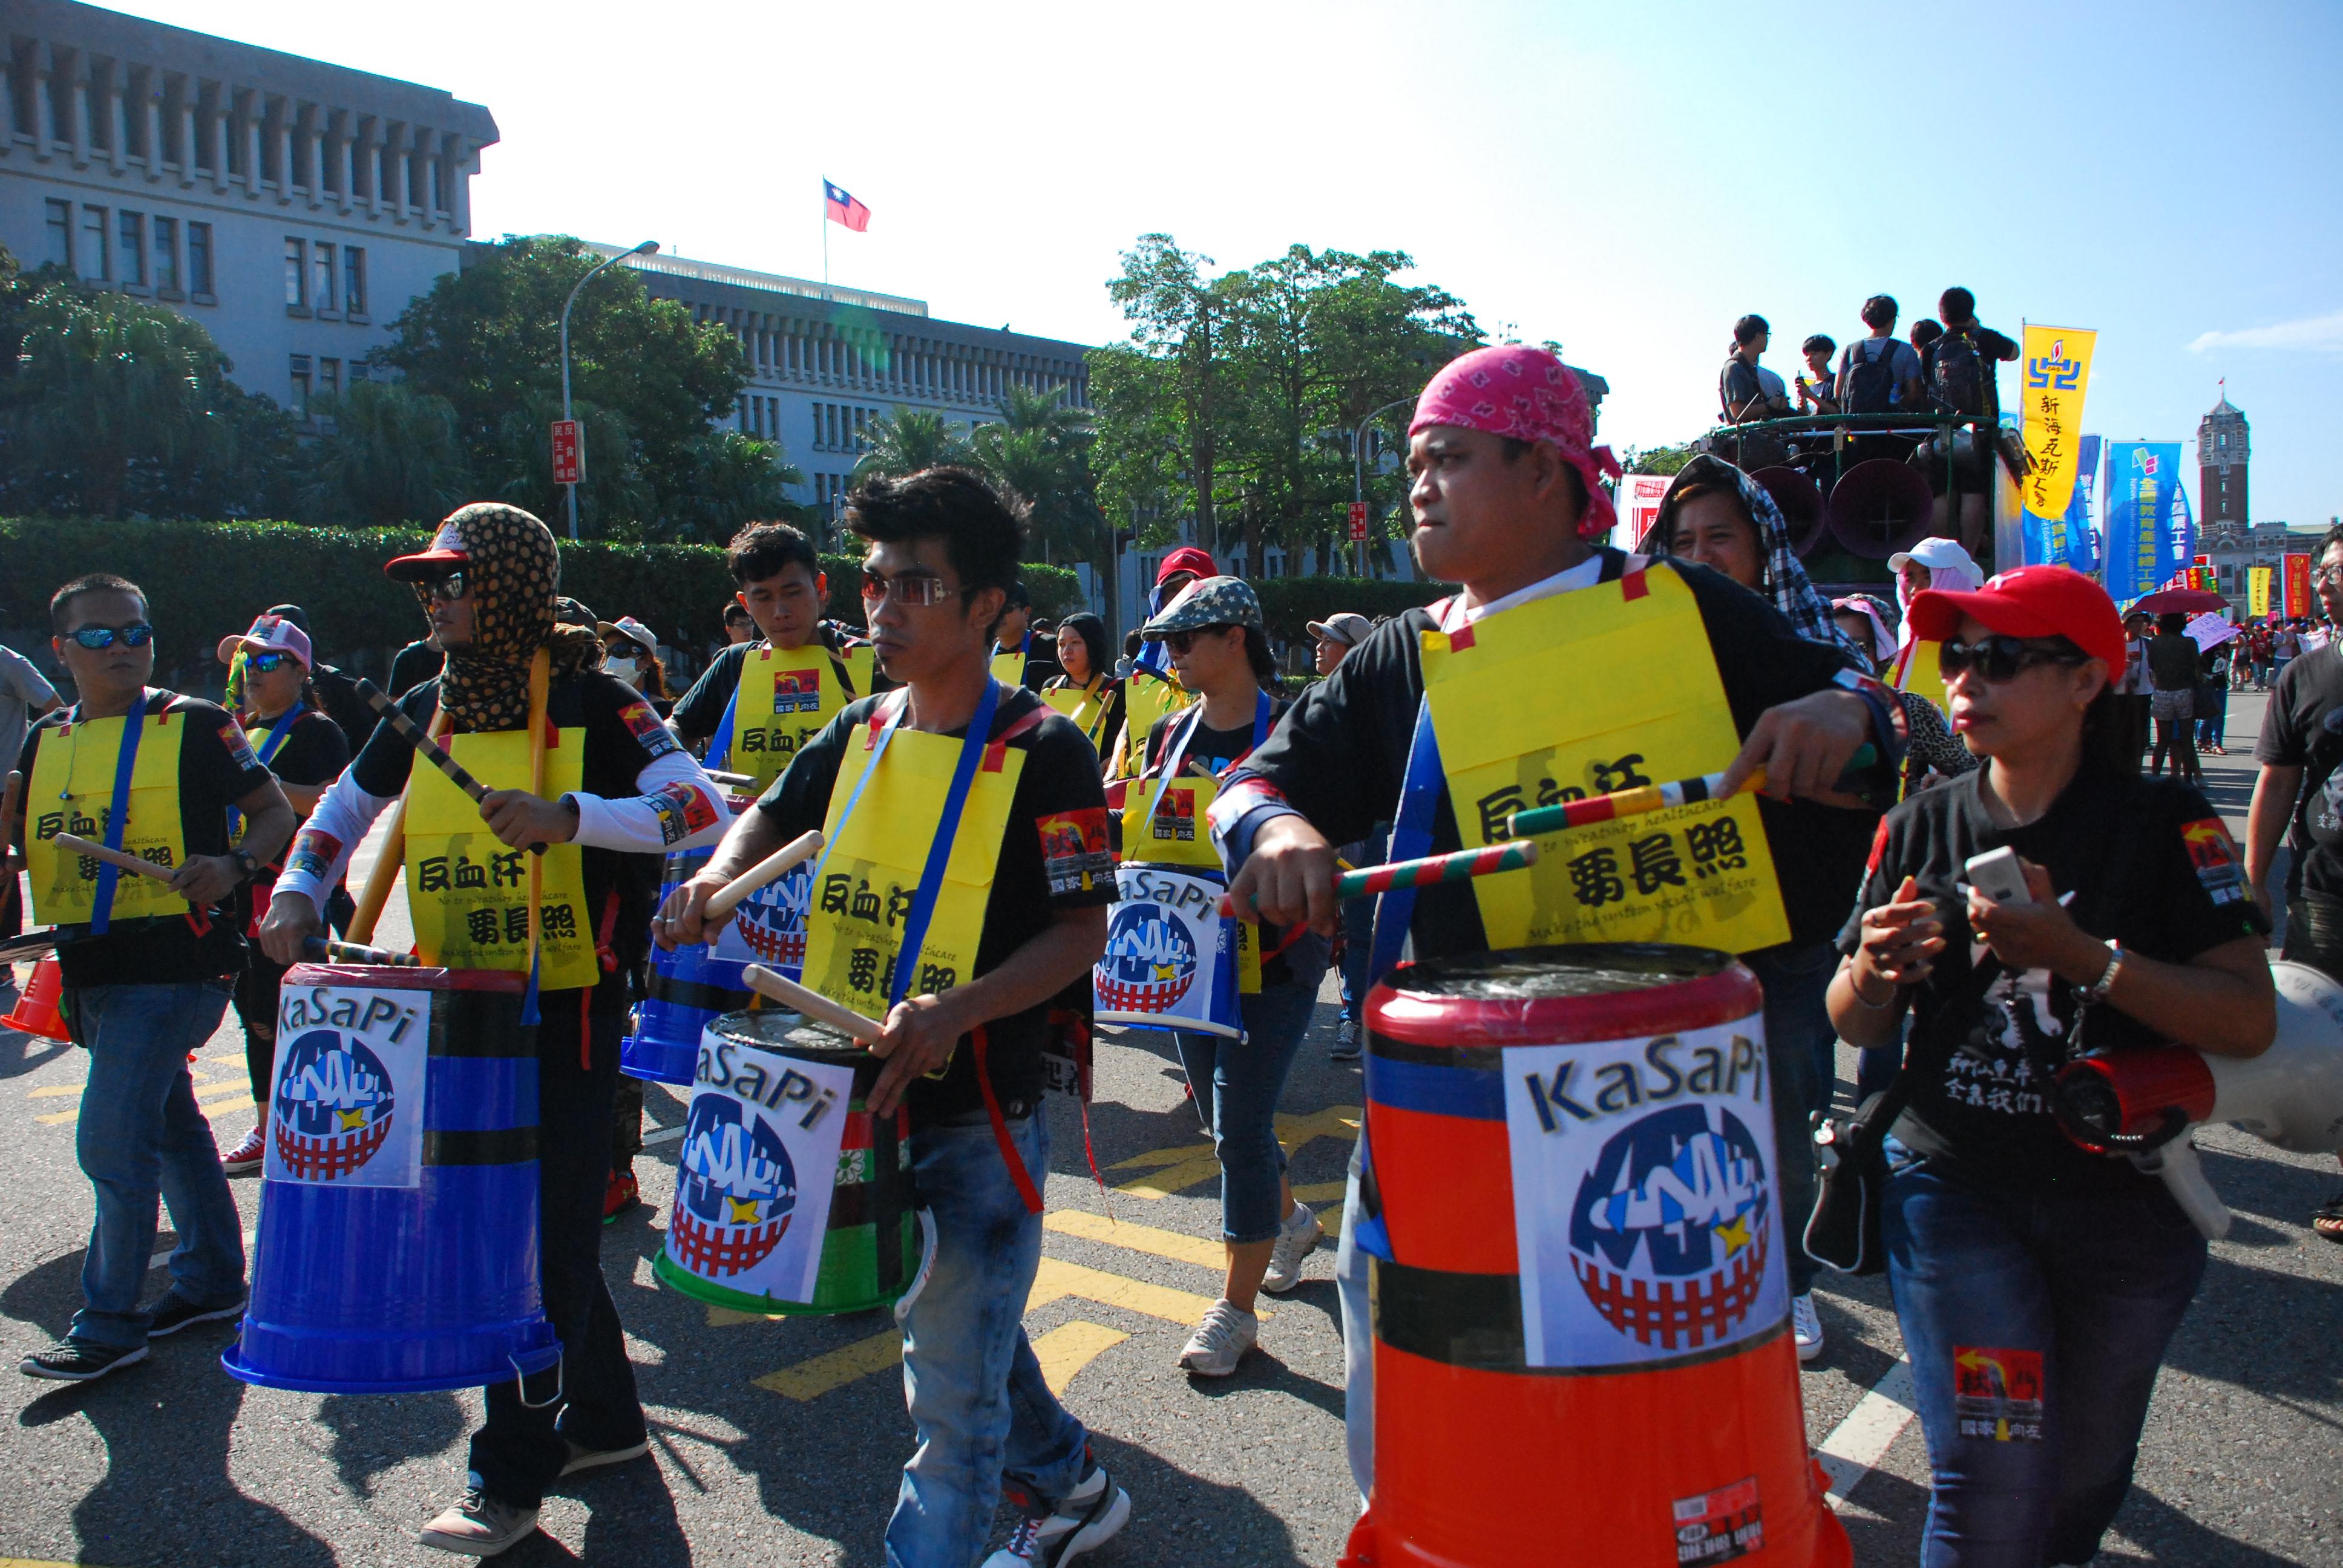 外籍移工組成鼓隊,靠著休假日練習打鼓,上街爭取權益。 圖/鄭晏欣攝